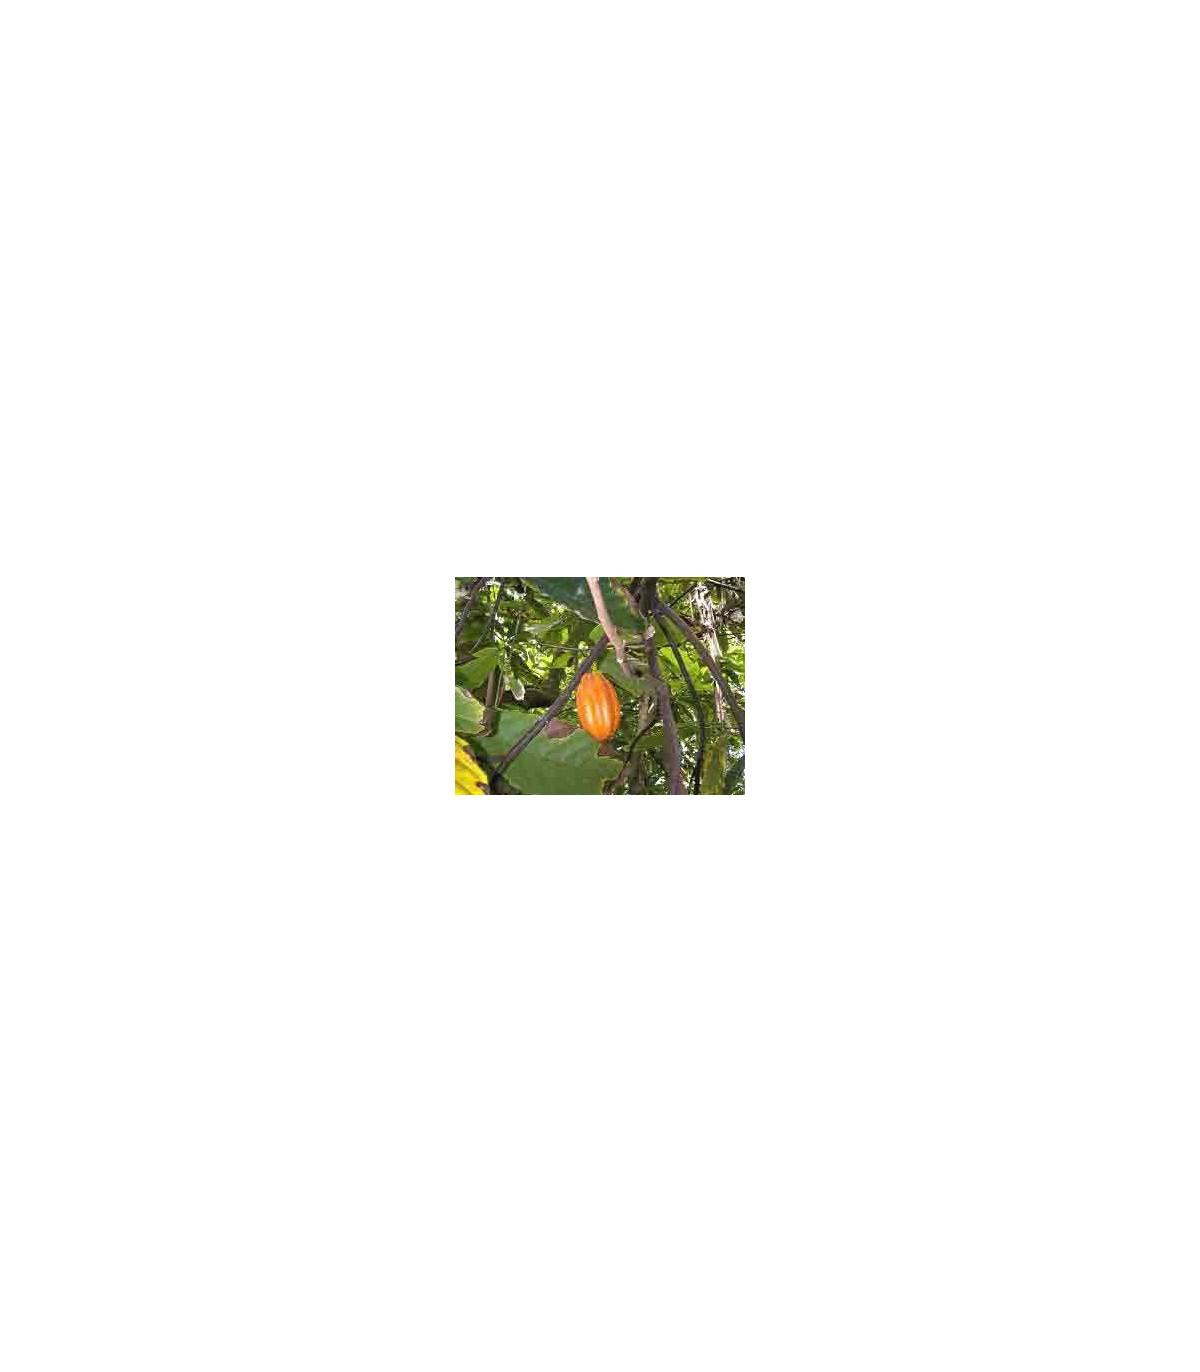 Kakaovník pravý - semena Kakaovníku - 5 ks - Theobroma cacao